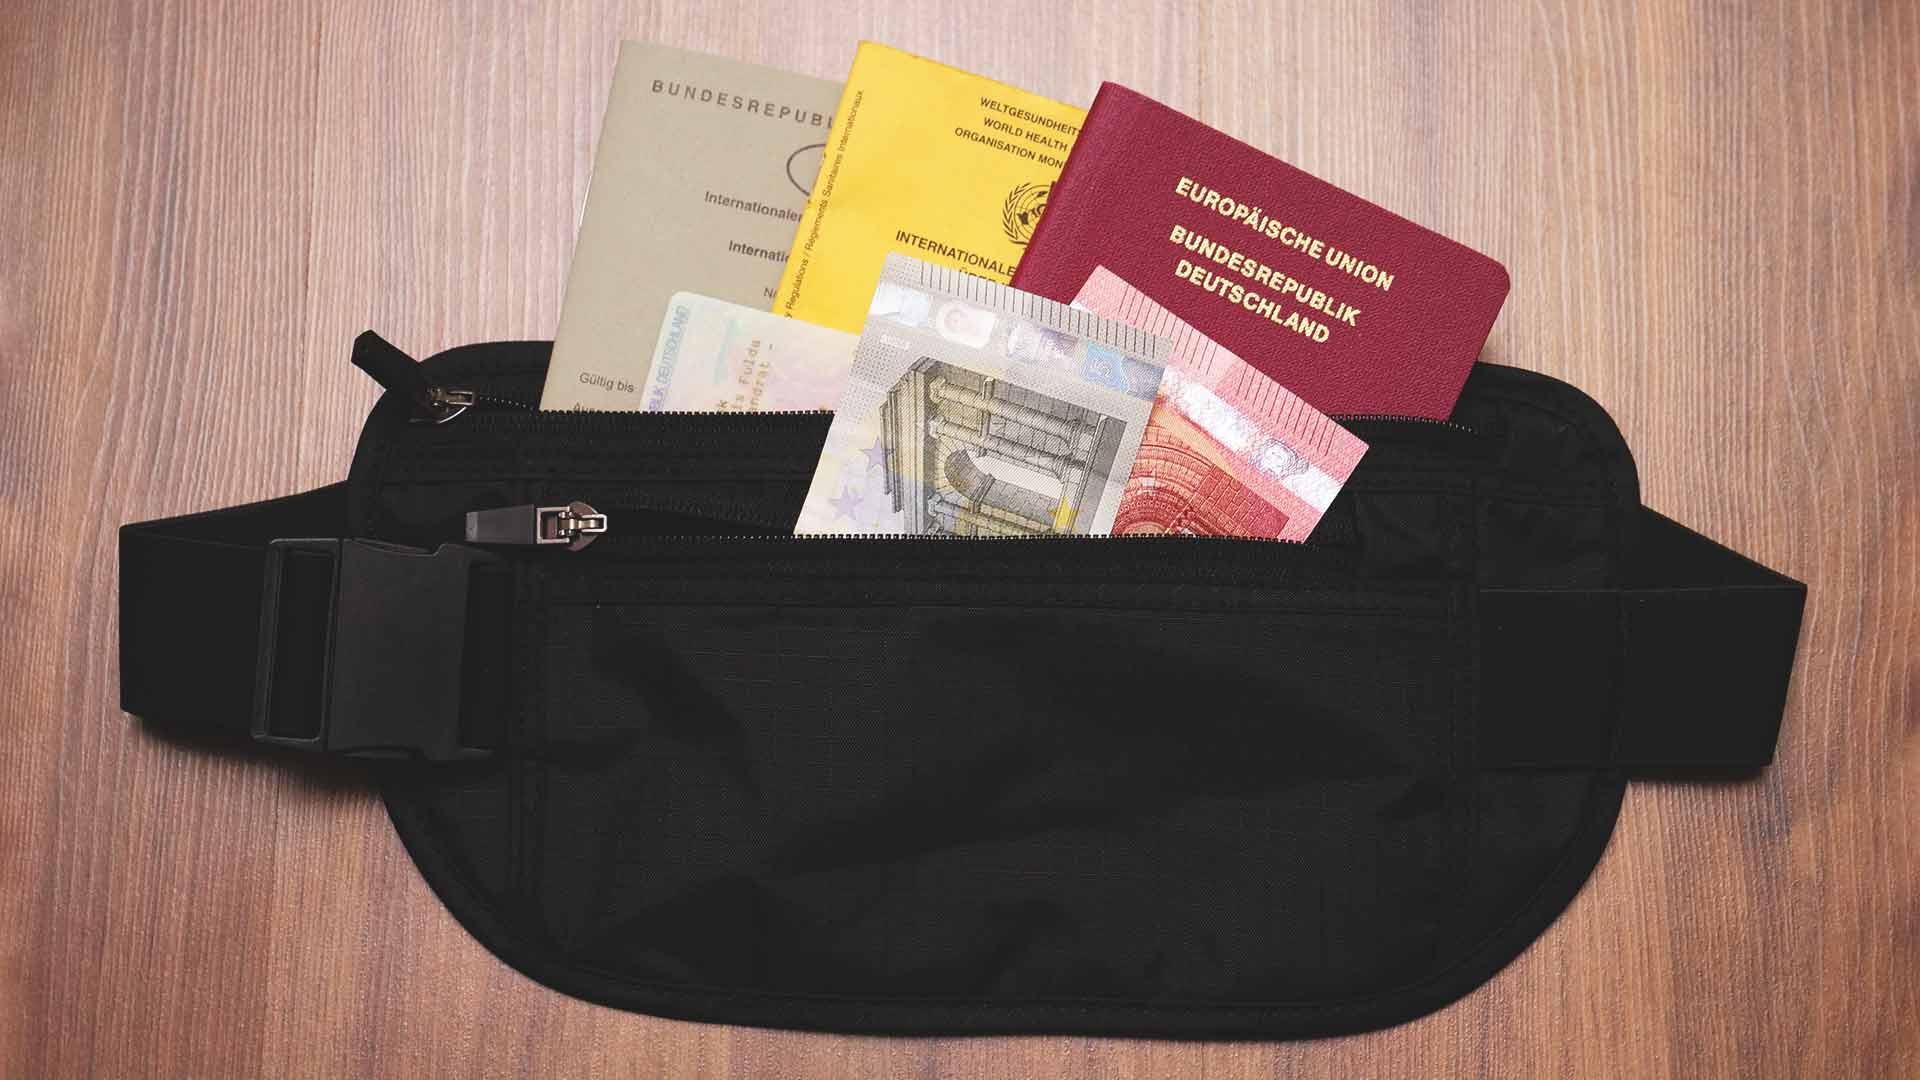 Backpacking Packliste Südostasien - Bauchtasche mit RFID-Blockierung gegen Identitätsdiebstahl für wichtige Dokumente und Kreditkarten